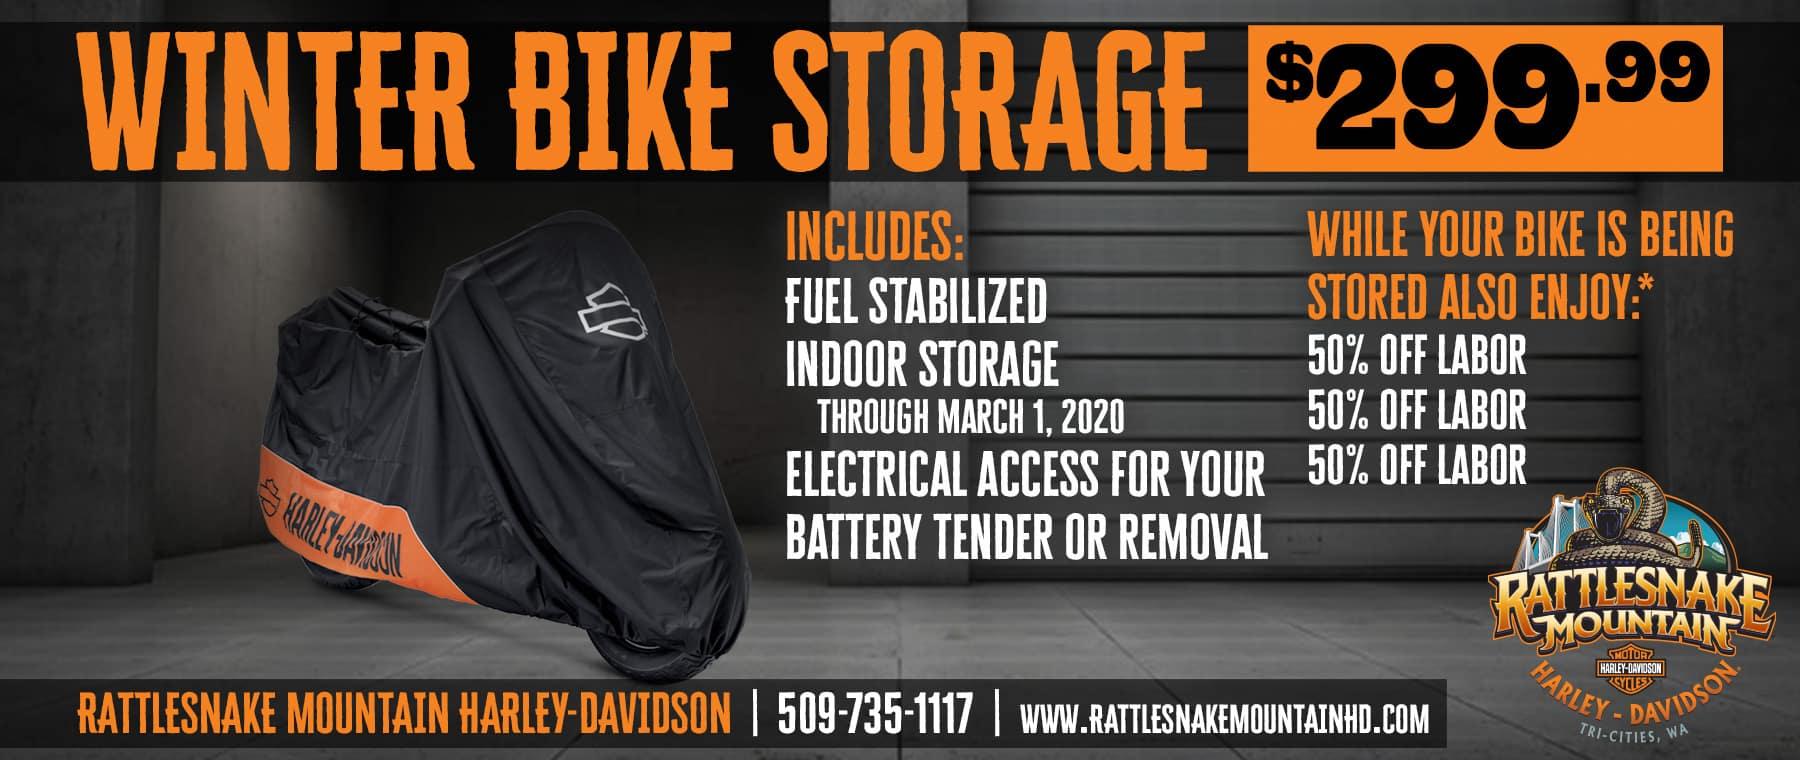 Winter Storage!